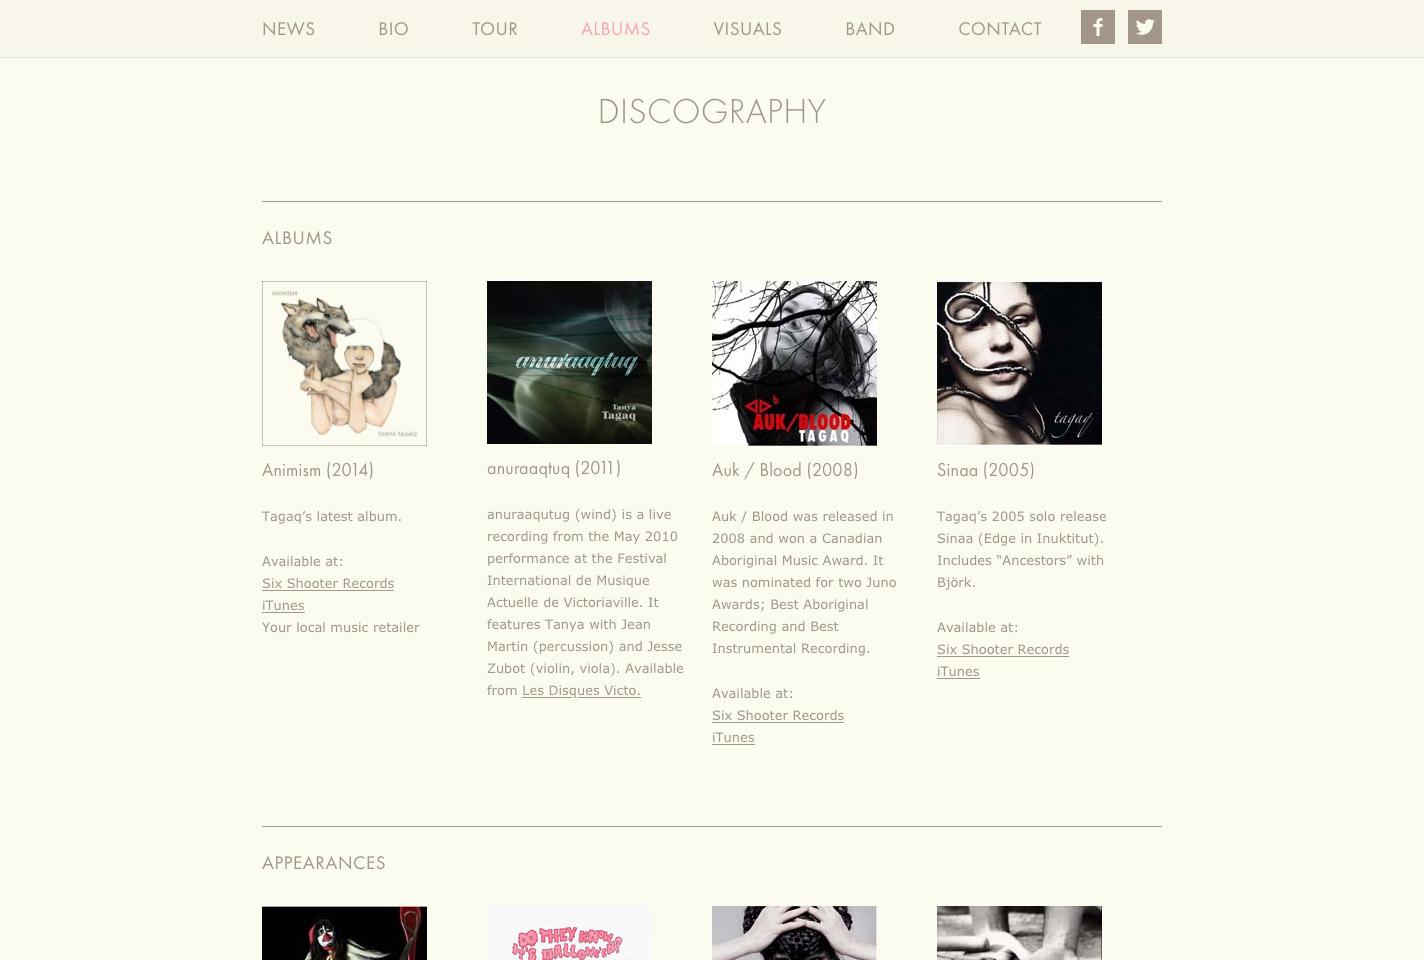 Tanya Tagaq discography